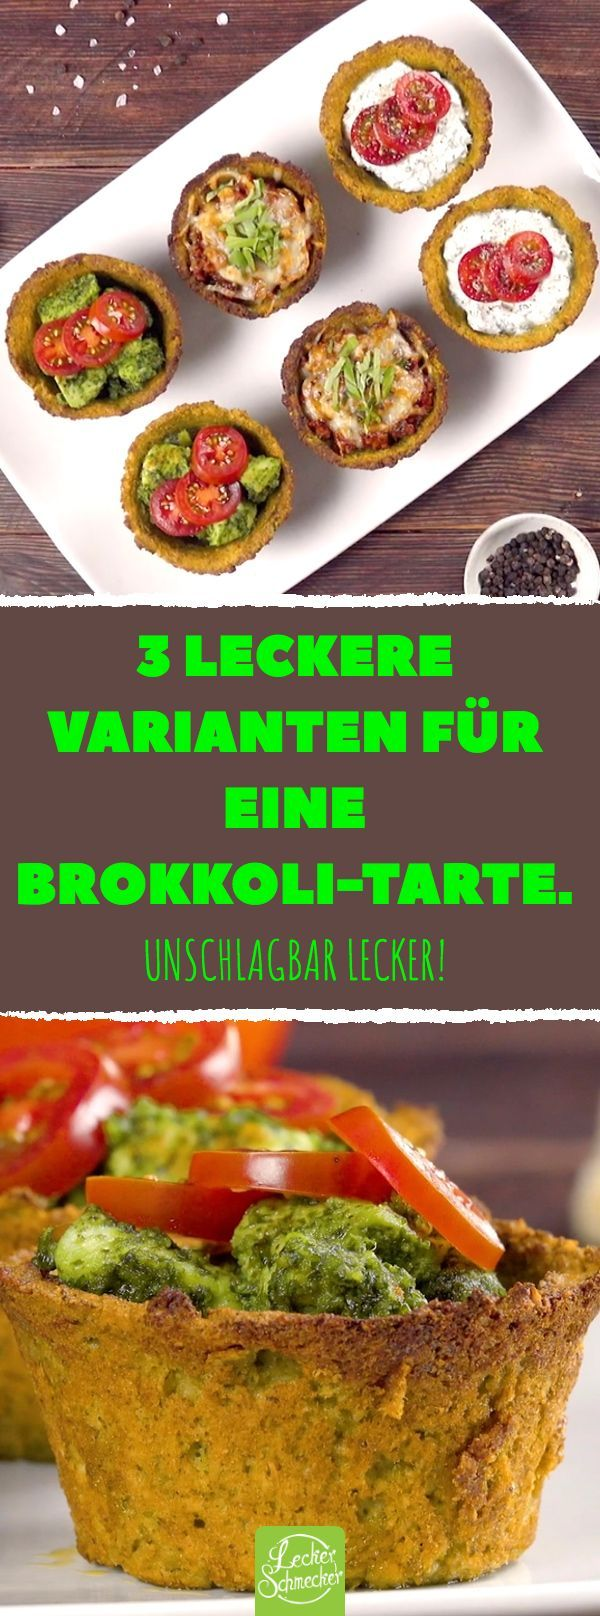 Ekelst du dich auch vor diesem Gemüse? Dabei ist es so zubereitet wirklich ein Genuss. 3 leckere Varianten für eine Brokkoli-Tarte. #rezepte #brokkoli #mini #tarte #ricotta #bolognese #pesto